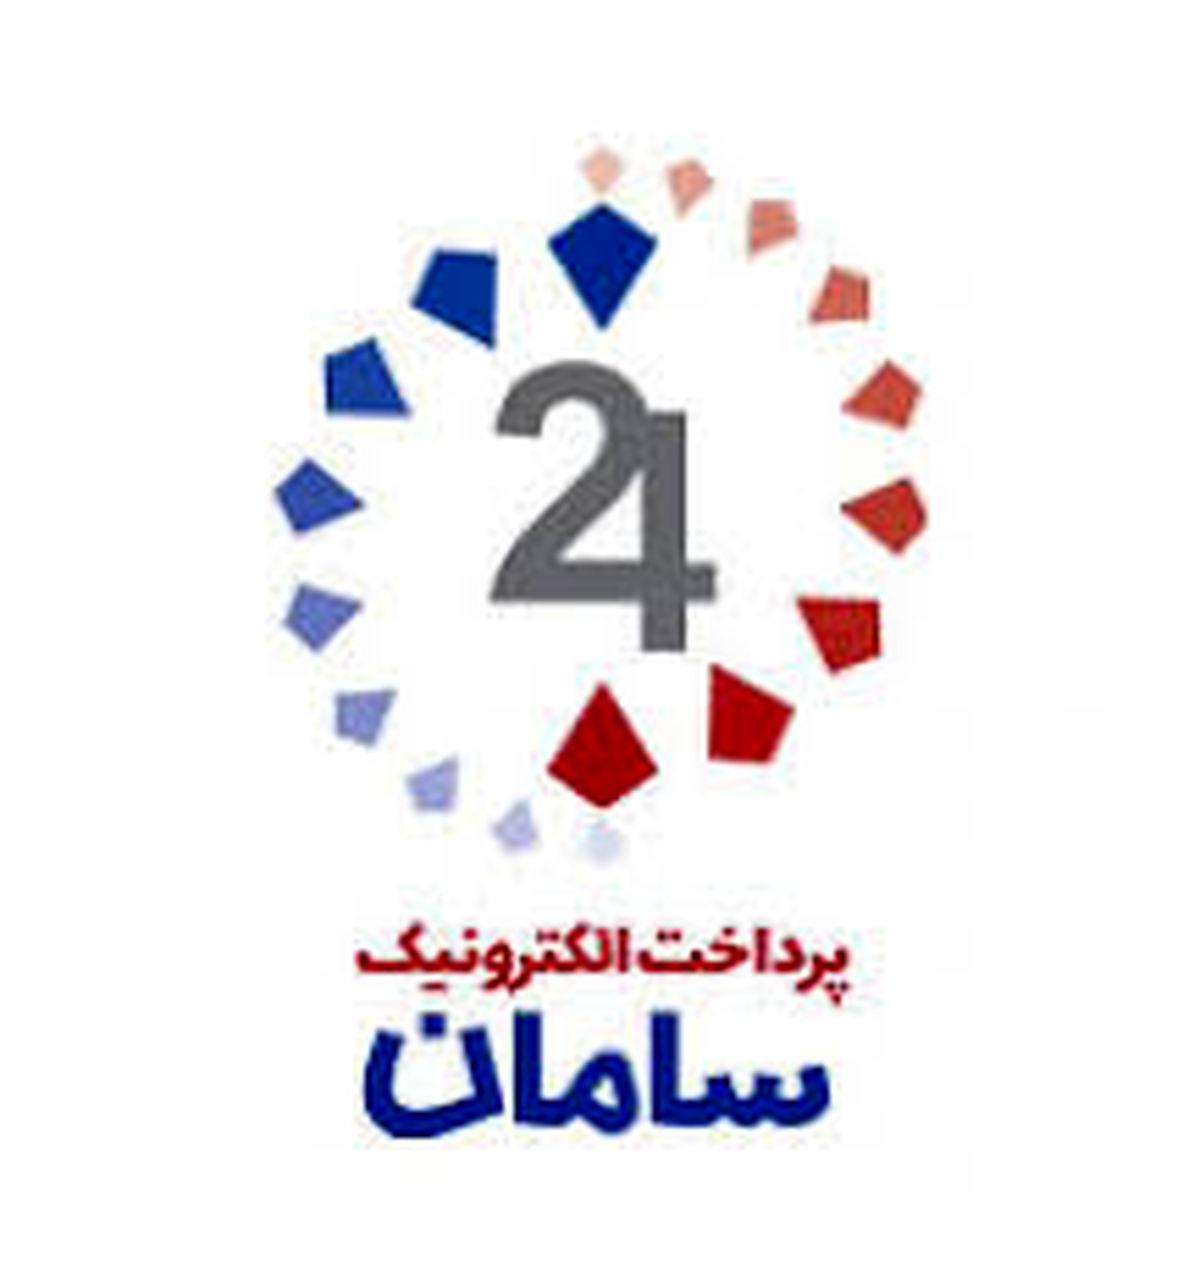 *#724 بازوی اصلی طرح نذر آب جمعیت هلالاحمر ایران